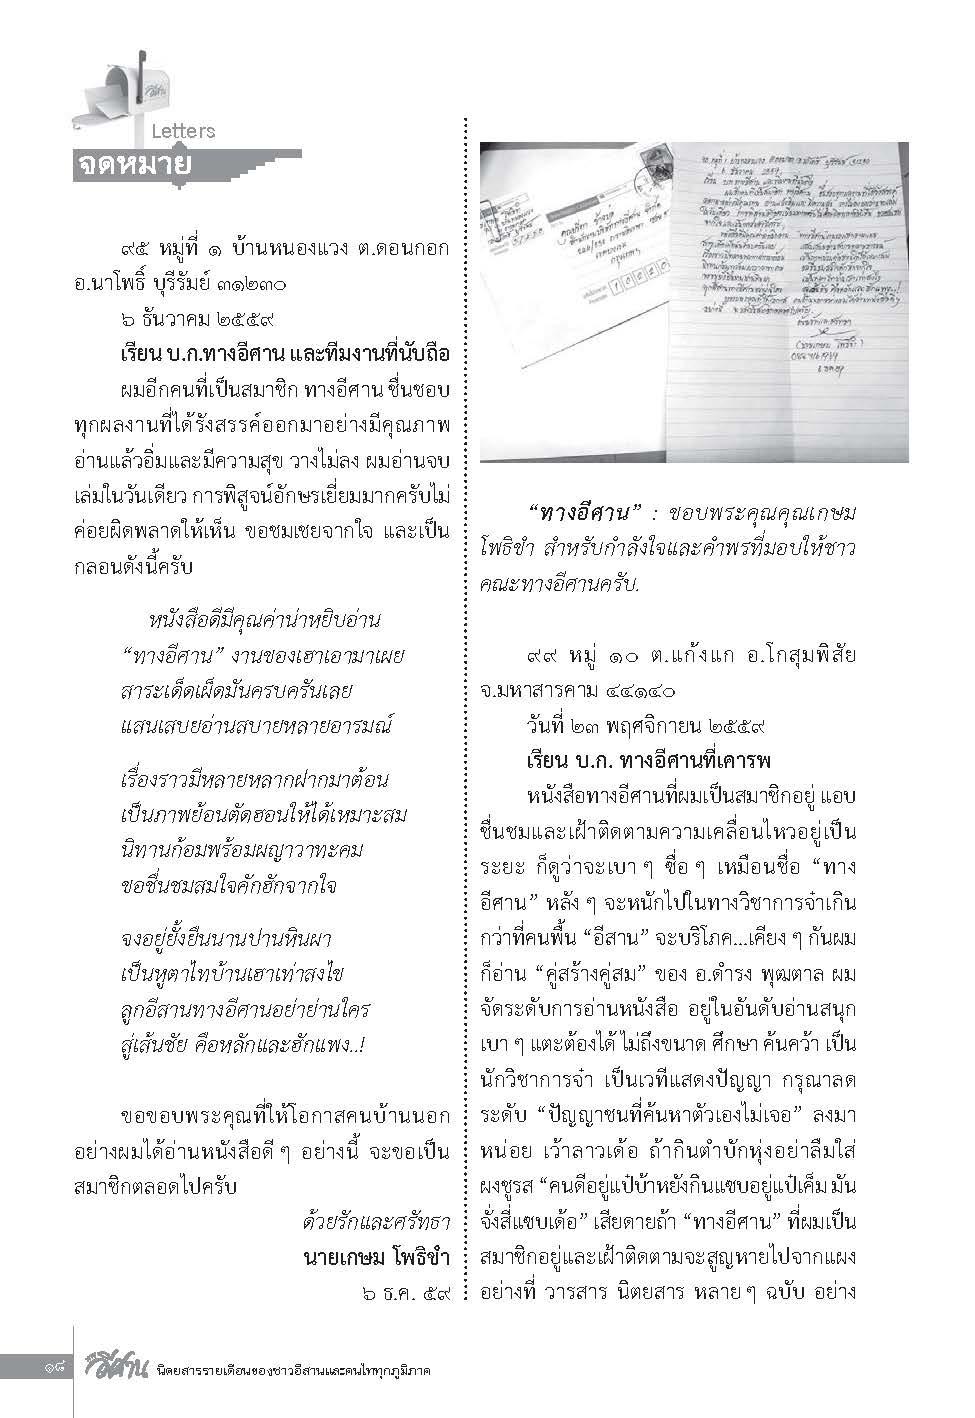 shann_vol57_letter_1